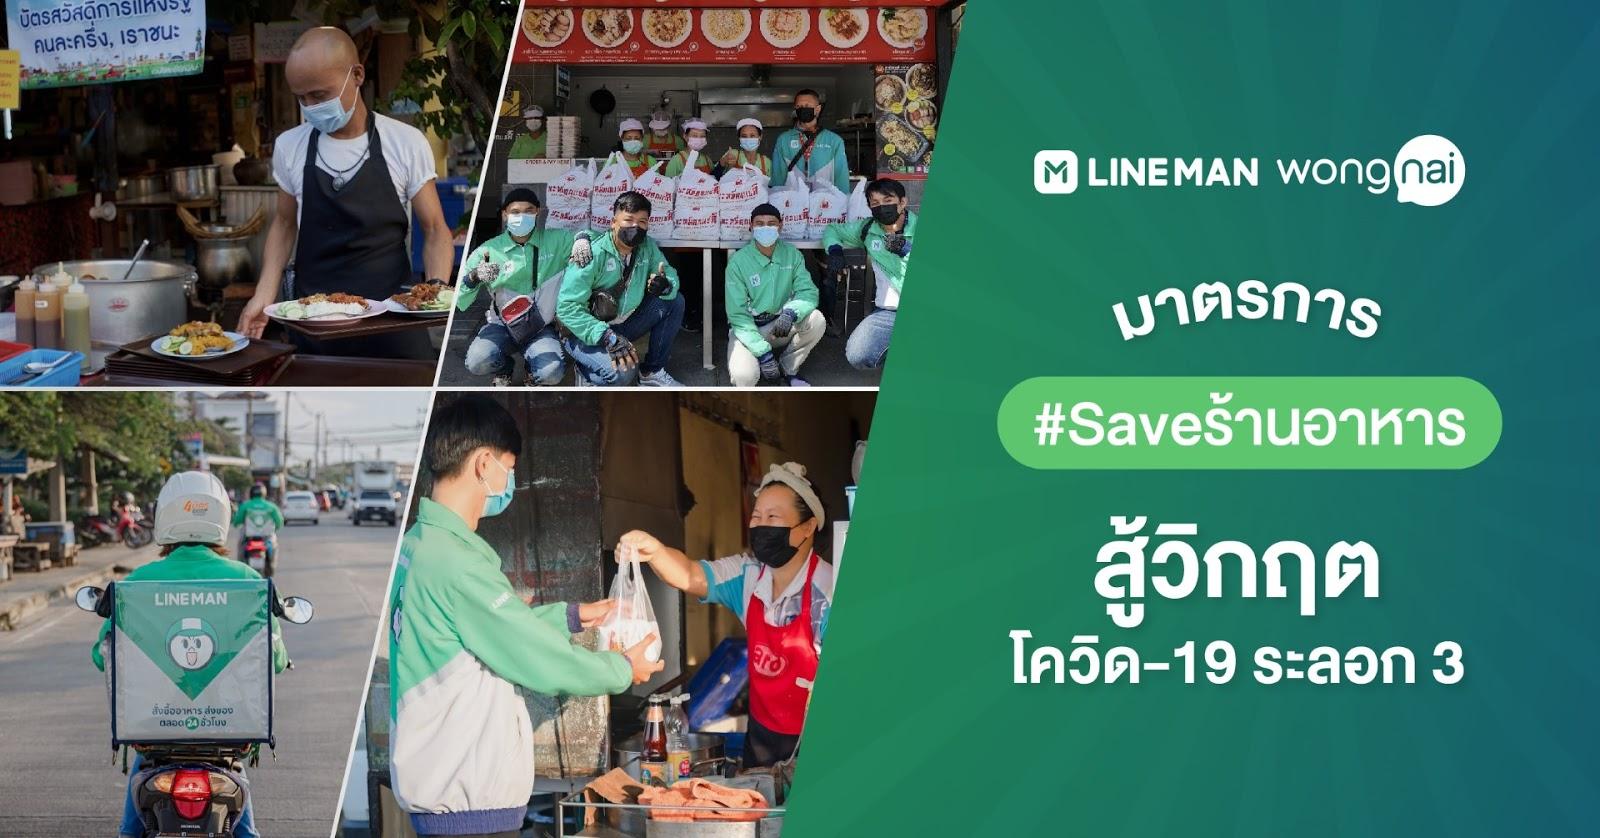 LINE MAN Wongnai ช่วย #Saveร้านอาหาร ให้ใช้ Self Delivery และ Pickup ฟรีไม่เก็บ GP, แจกคูปองกระตุ้นลูกค้าอุดหนุนร้านใกล้บ้าน